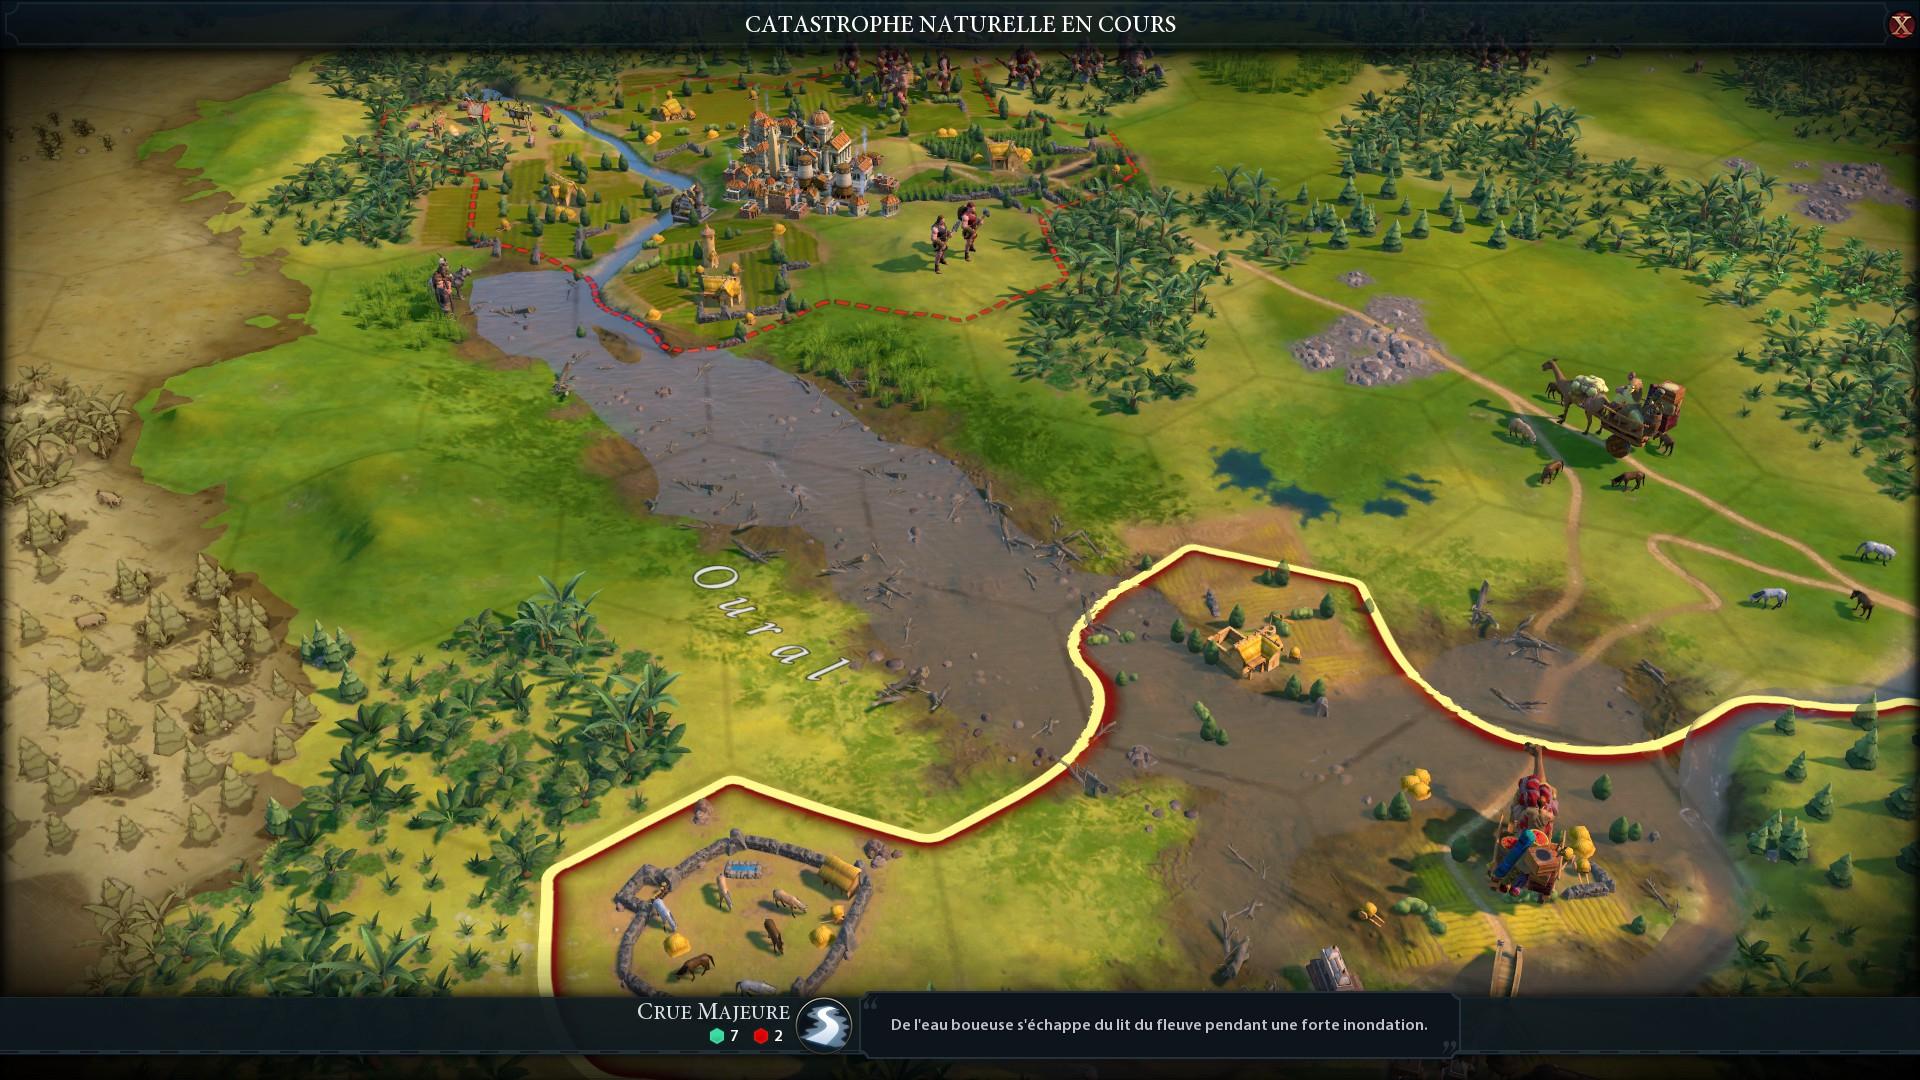 Civilization Vi: Gathering Storm - Test De Gathering Storm avec Jeux De Catastrophe Naturel Gratuit